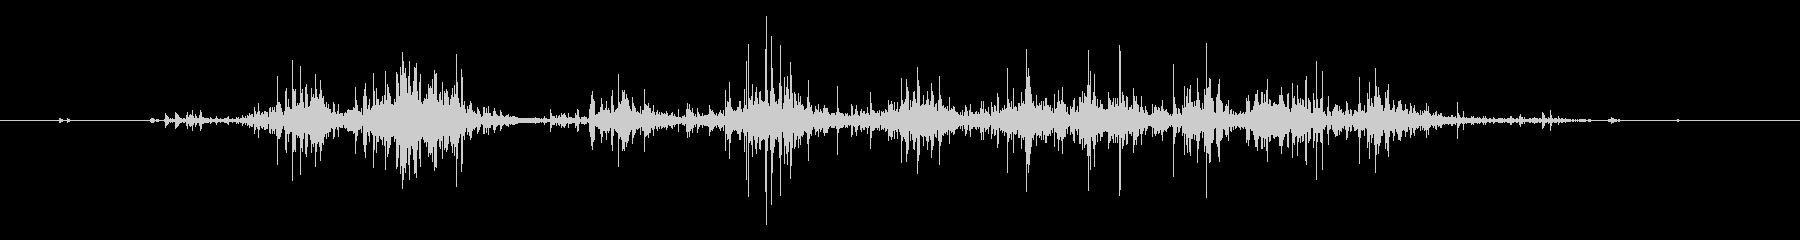 タブレッド菓子出す音・振る音17の未再生の波形